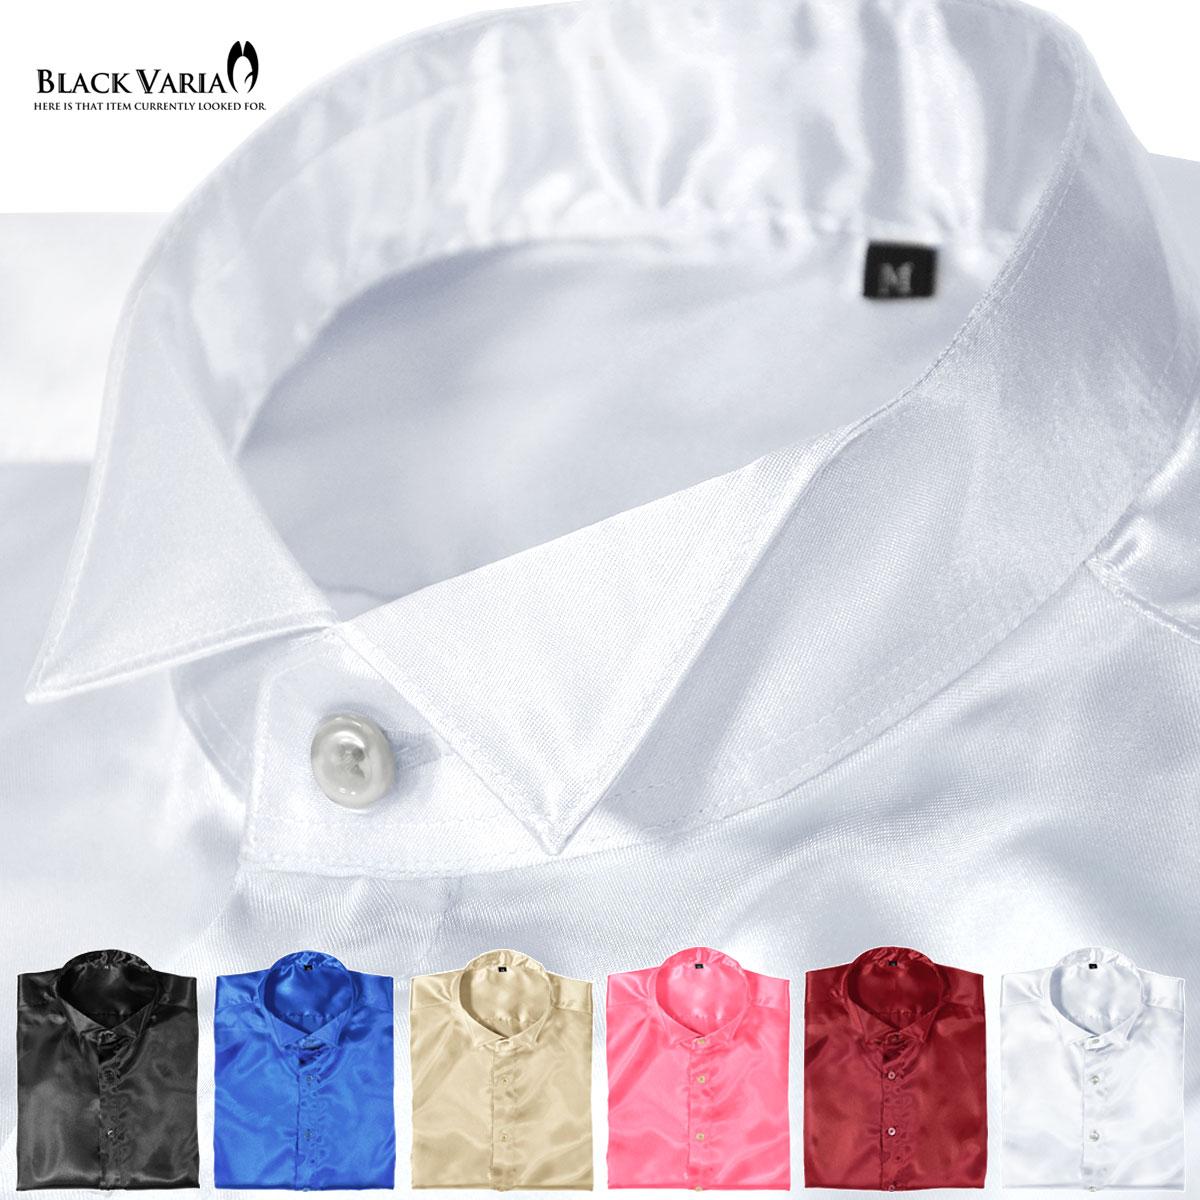 サテンシャツ ウィングカラー メンズ 日本製 光沢 サテン パーティ 社交ダンス 結婚式 ドレスシャツ(シルバー銀) 161208